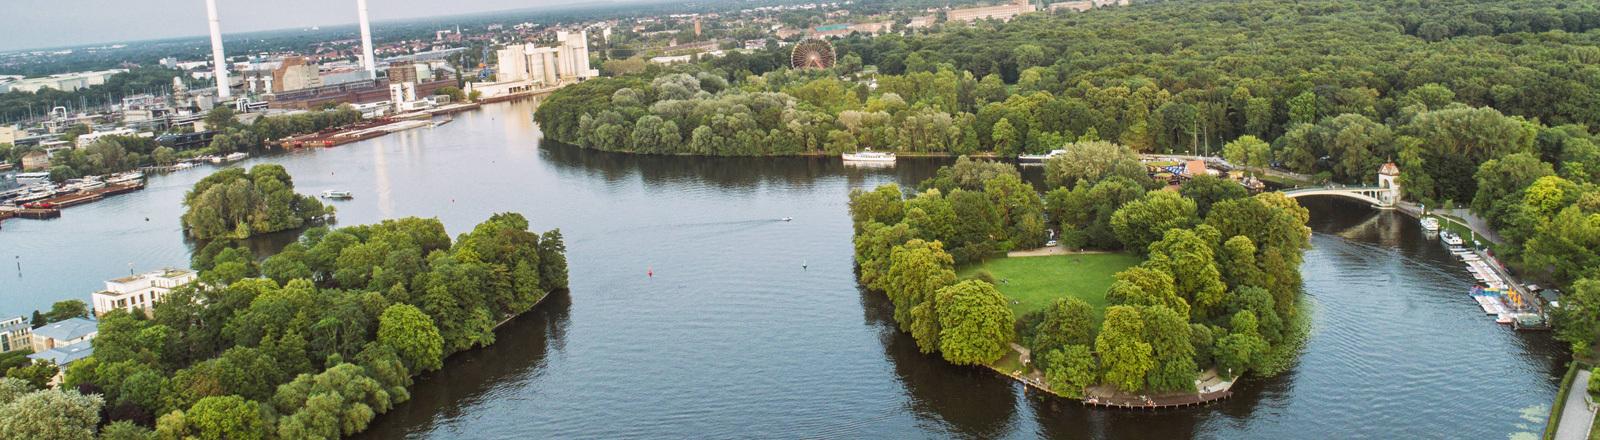 In Berlin Blick auf die Spree und den Treptower Park.